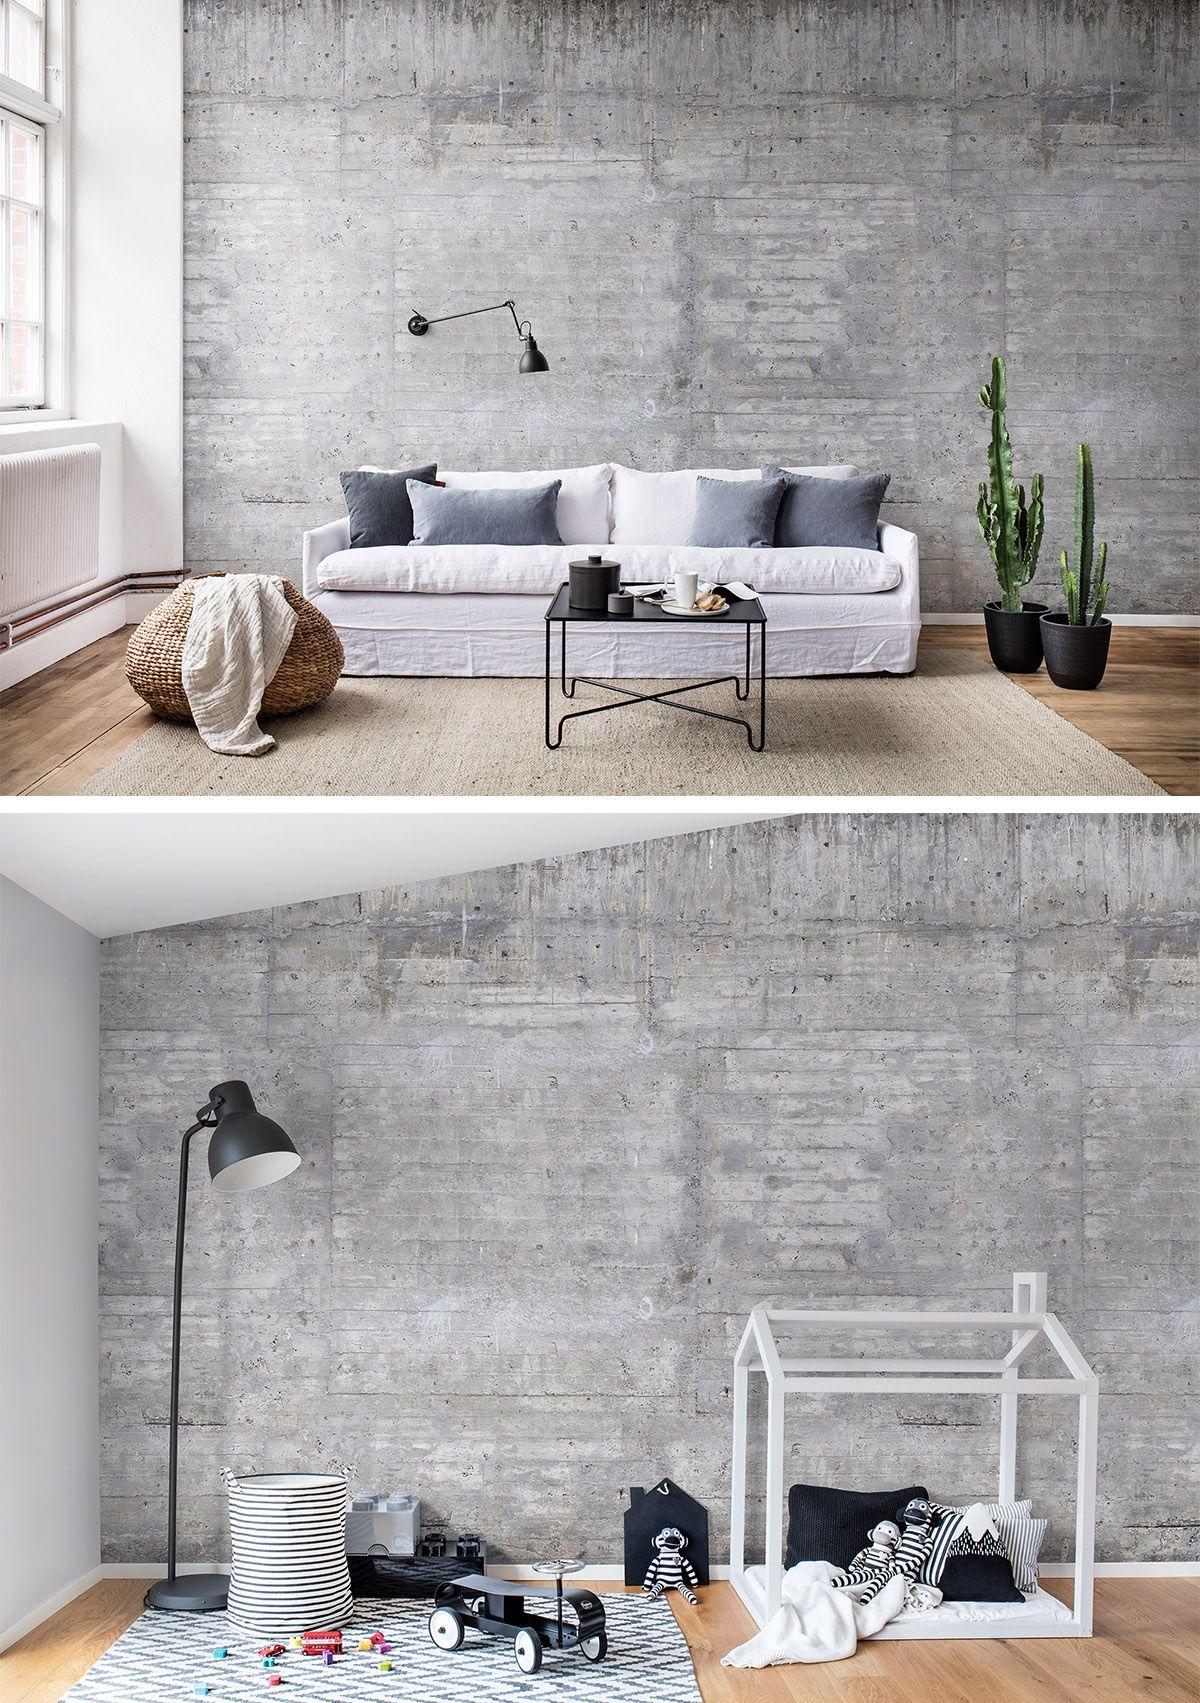 Full Size of Wooden Concrete In 2020 Wandgestaltung Tapete Komplettes Schlafzimmer Wohnzimmer Tapeten Ideen Klimagerät Für Die Küche Massivholz Schrank Komplette Sessel Schlafzimmer Tapeten Schlafzimmer